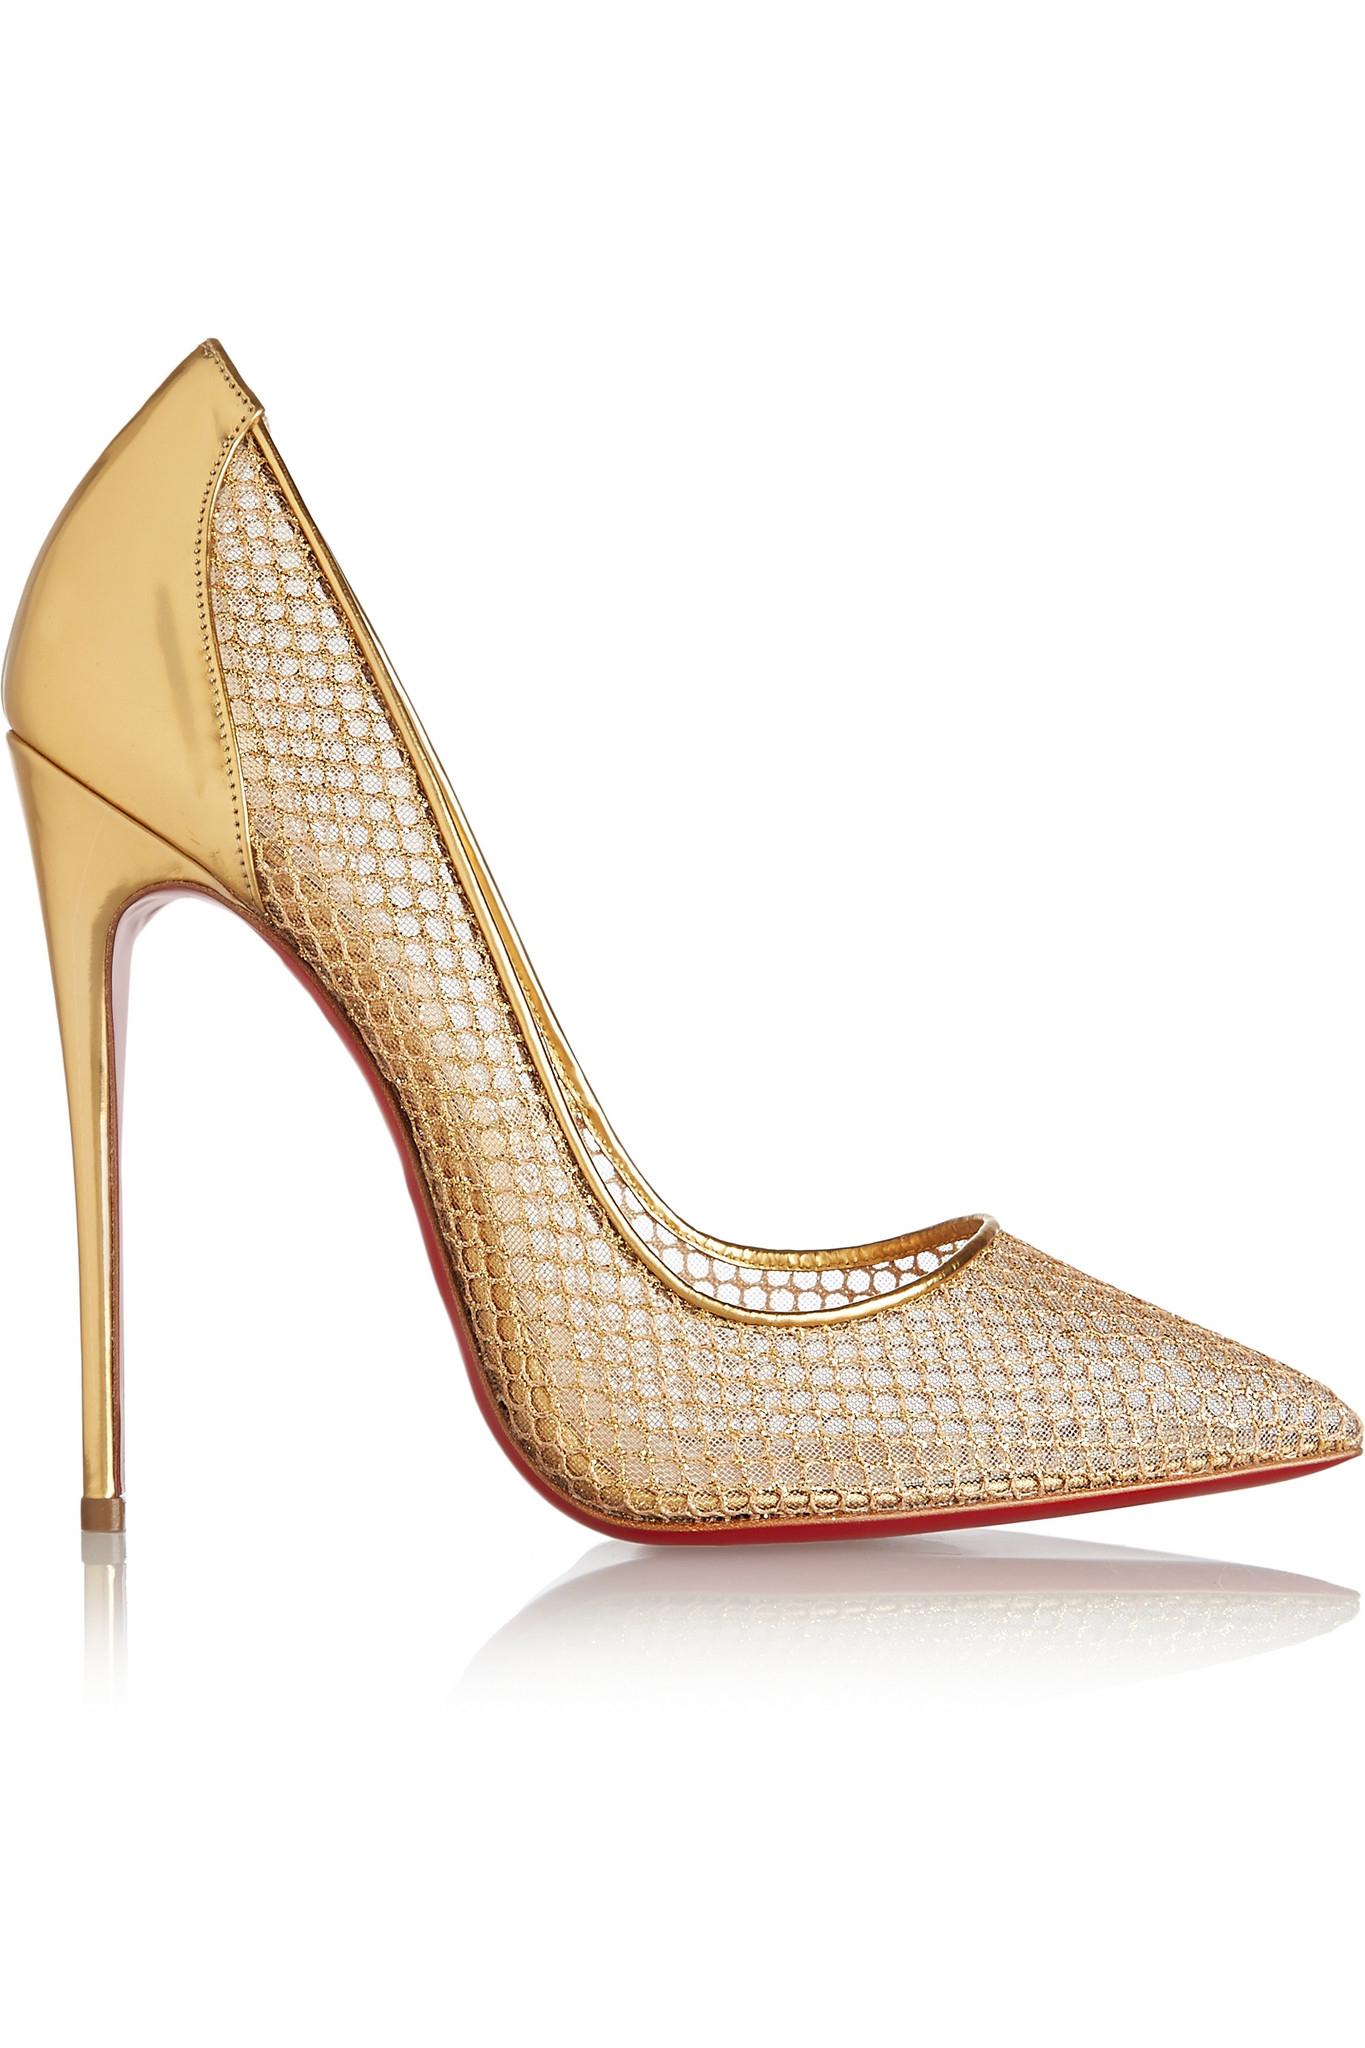 replica shoe - christian louboutin follies fishnet red sole pump, christian ...